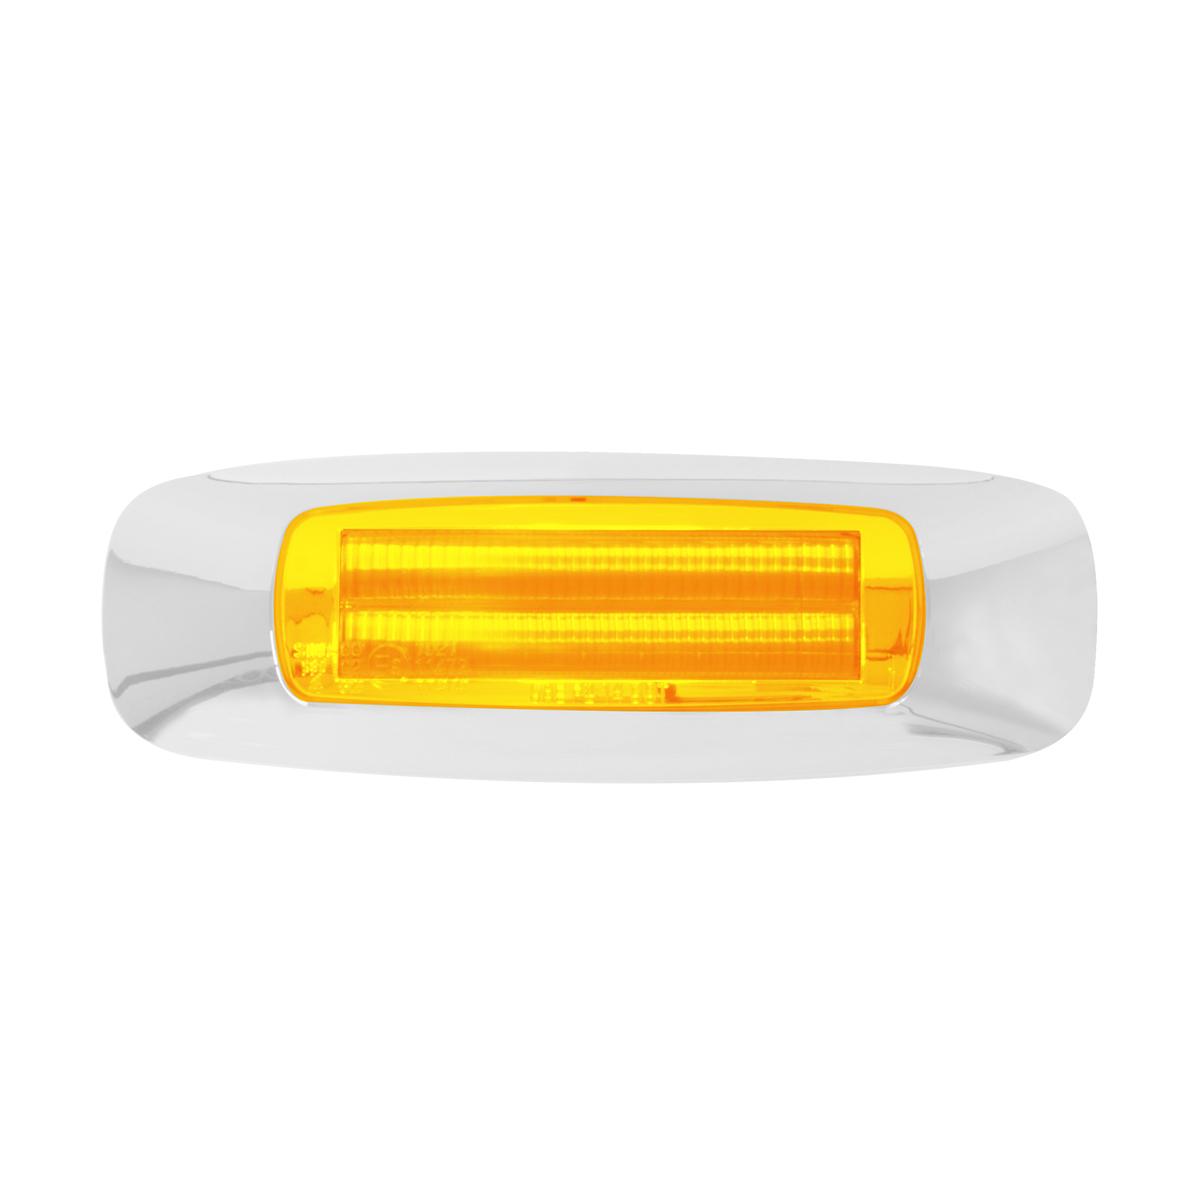 """74830 4-5/8"""" Rectangular Prime LED Marker Light in Amber/Amber"""